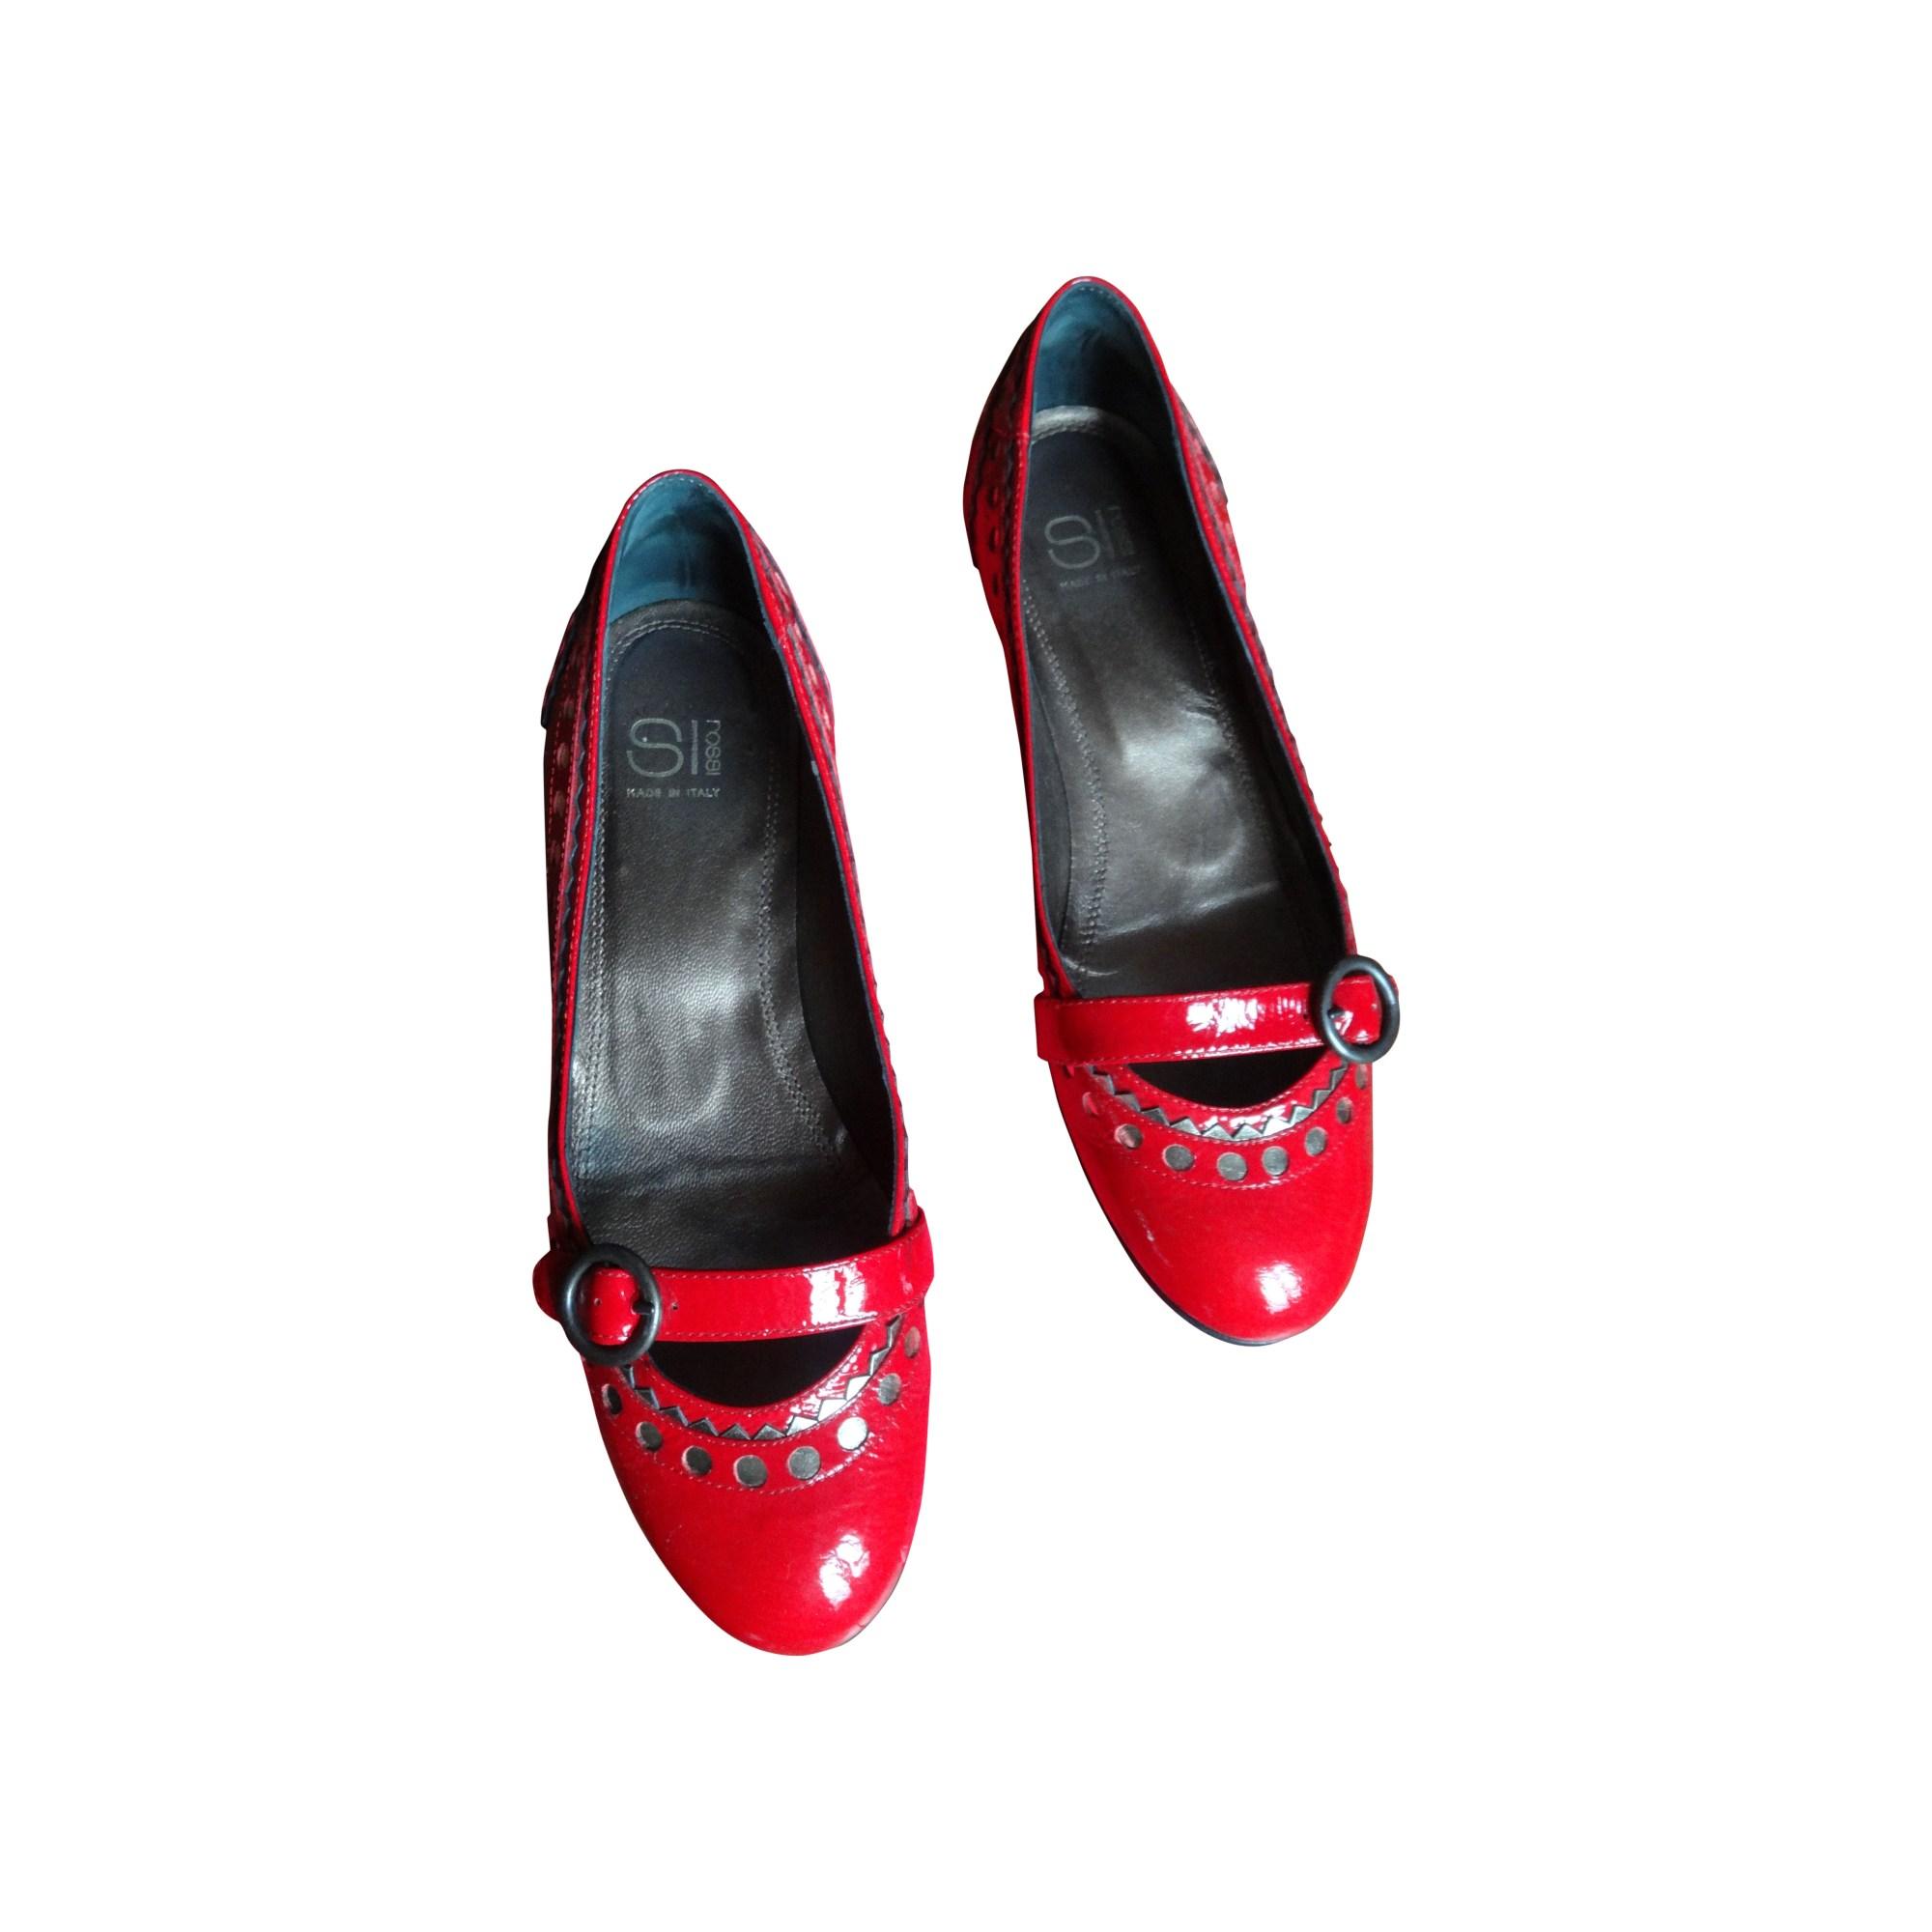 Ballerines SERGIO ROSSI Rouge, bordeaux